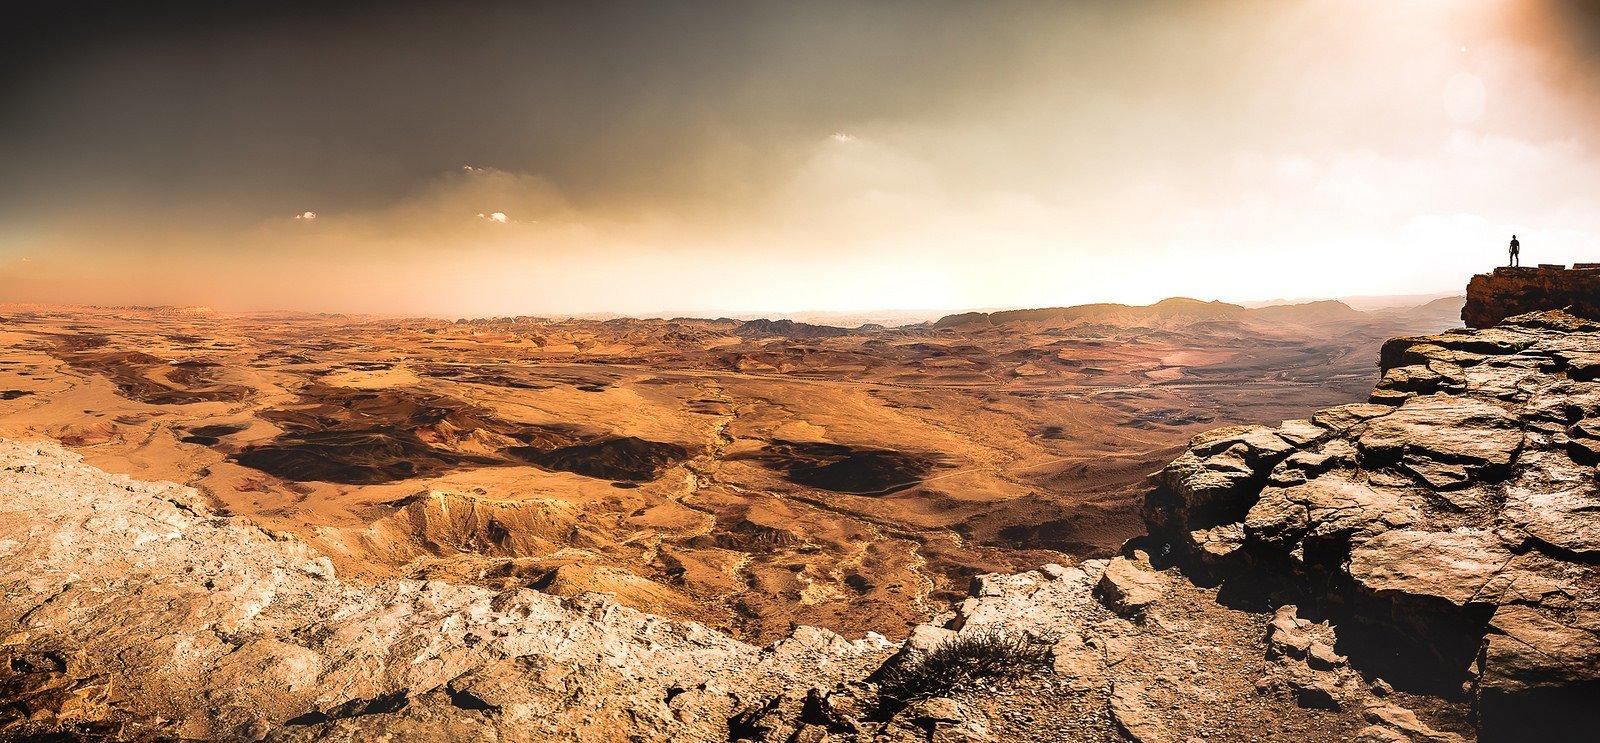 mars landscape materials - 1600×743